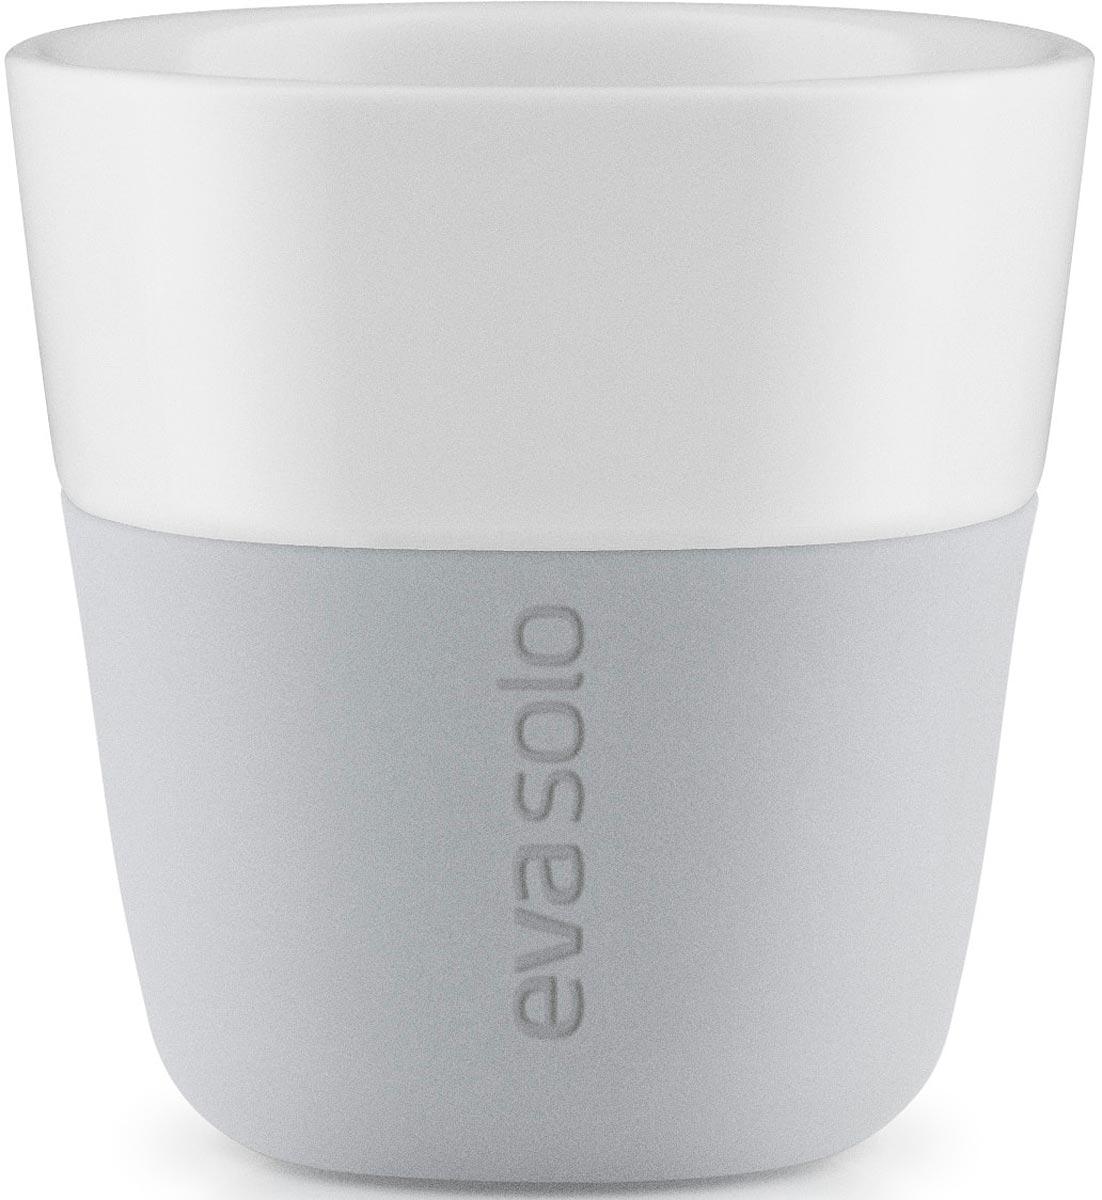 """Набор чашек для эспрессо """"Eva Solo"""" рассчитан на 80 мл - классическое количество эспрессо, а также стандарт для большинства кофе-машин.   Чашки из белоснежного фарфора и с цветным силиконовым чехлом, который оберегает руки от соприкосновения с горячей поверхностью. Чехол легко снимается, после чего чашку можно мыть в посудомоечной машине.  В комплекте 2 чашки."""